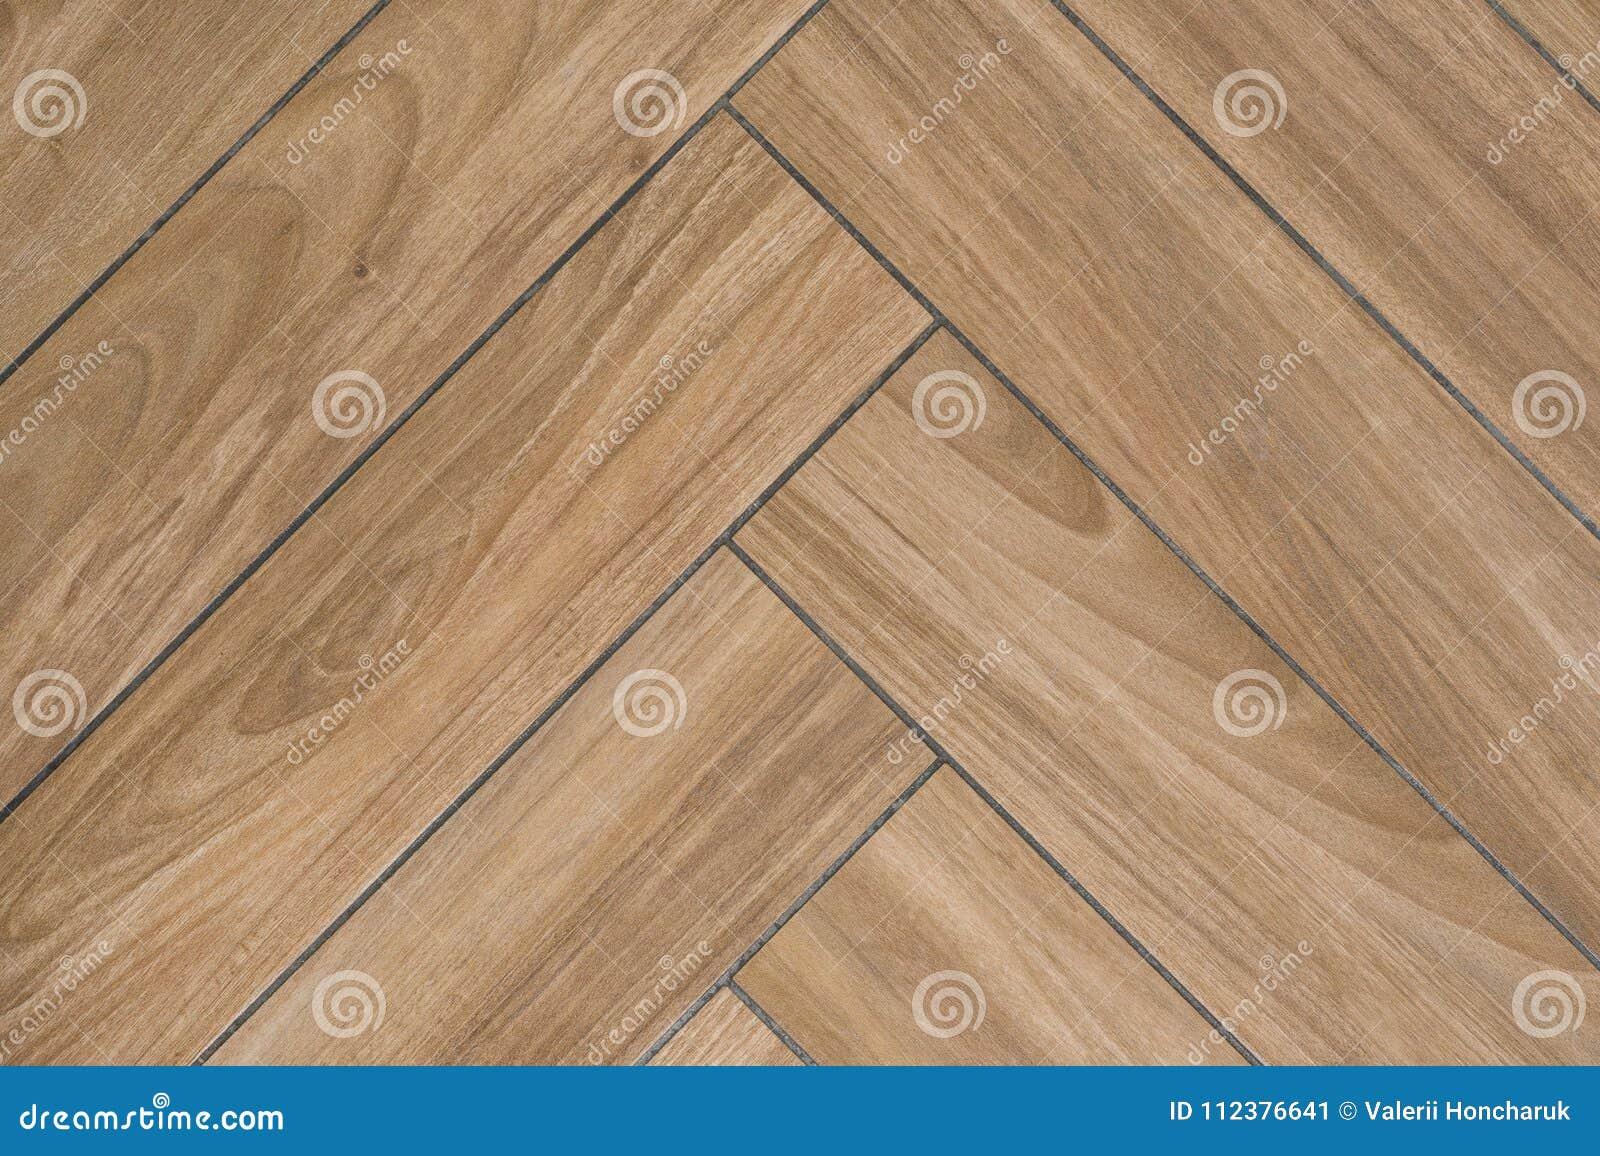 Textura da madeira de carvalho do assoalho com as telhas que imitam o revestimento de folhosa Teste padrão tradicional de desenho